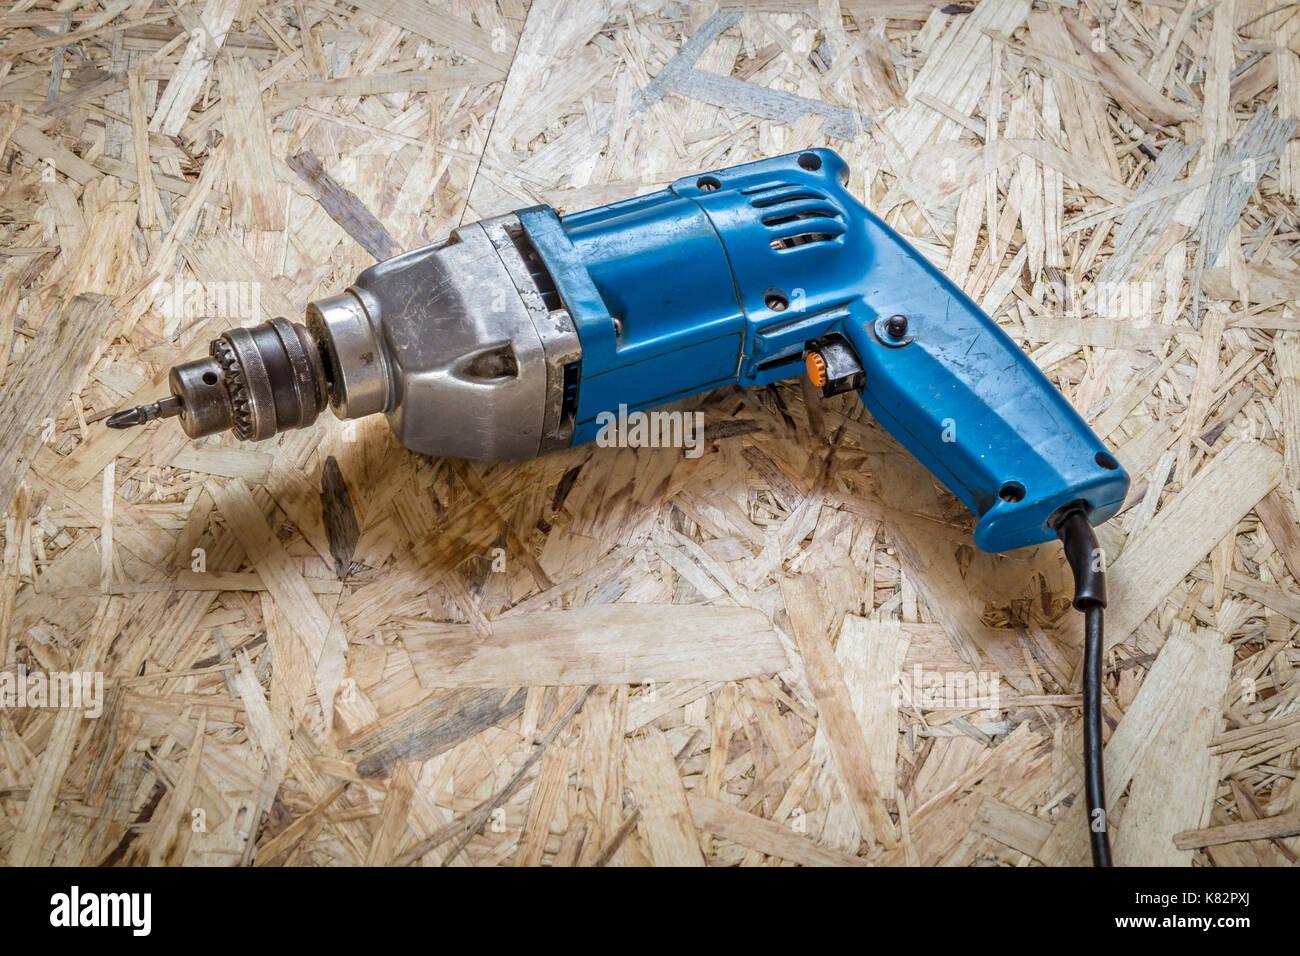 Casco azul-taladro destornillador cerca en una superficie de madera. Foto de stock